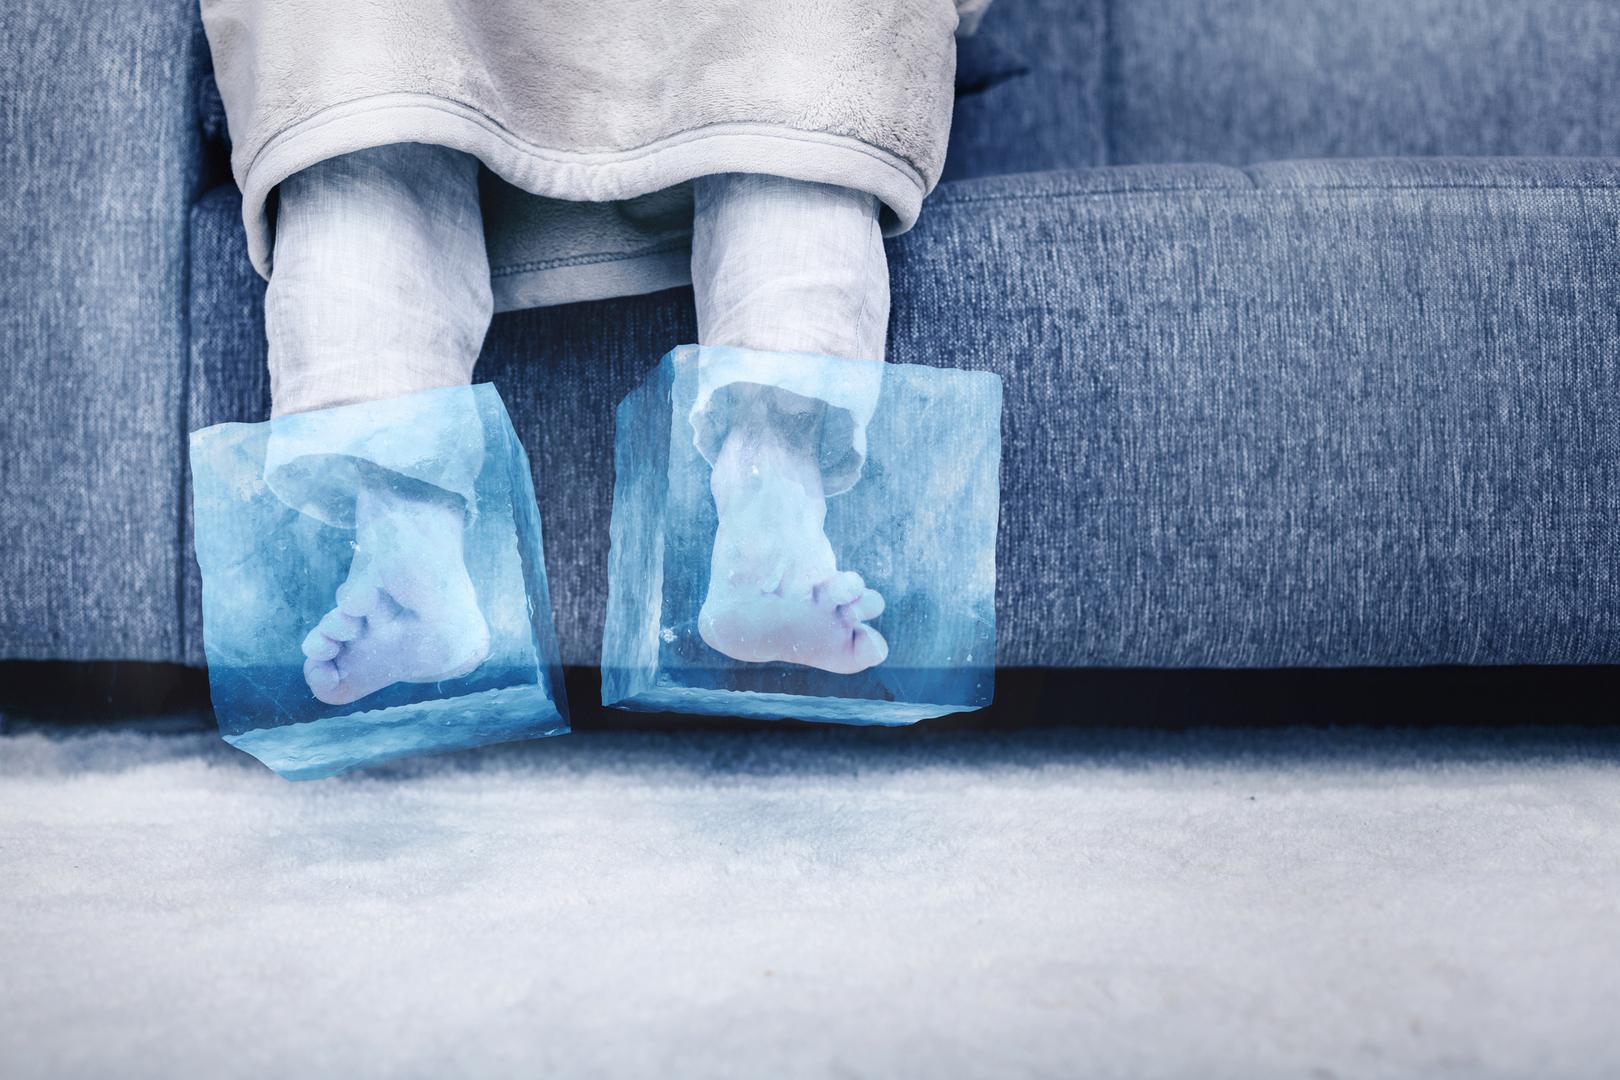 حالات مرضية كامنة قد تكون وراء برودة القدمين المستمرة